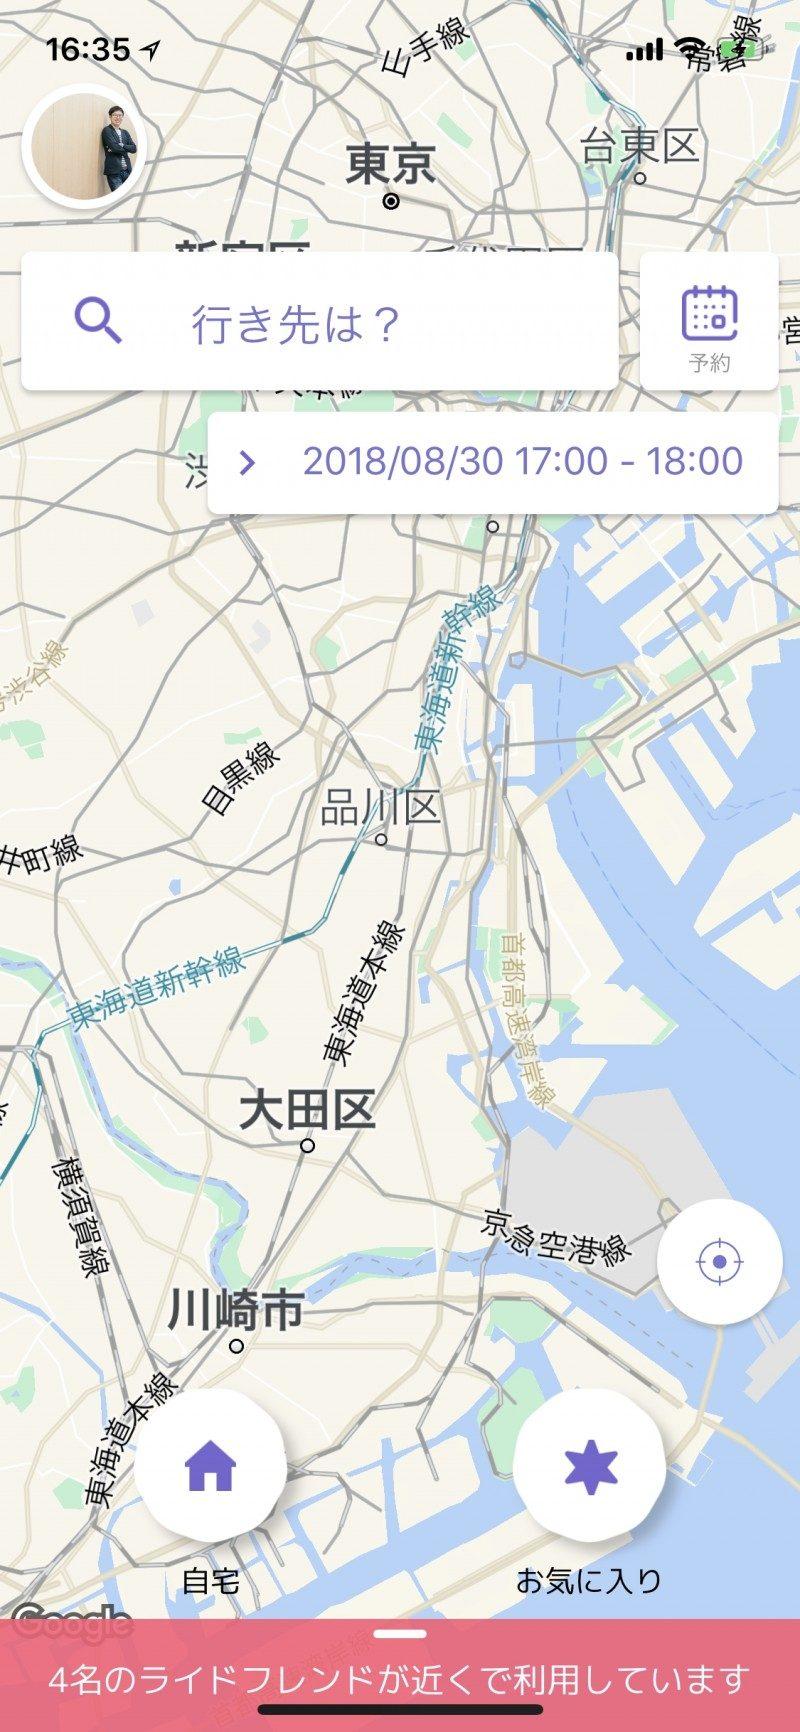 タクシー相乗りアプリ「nearMe.」0